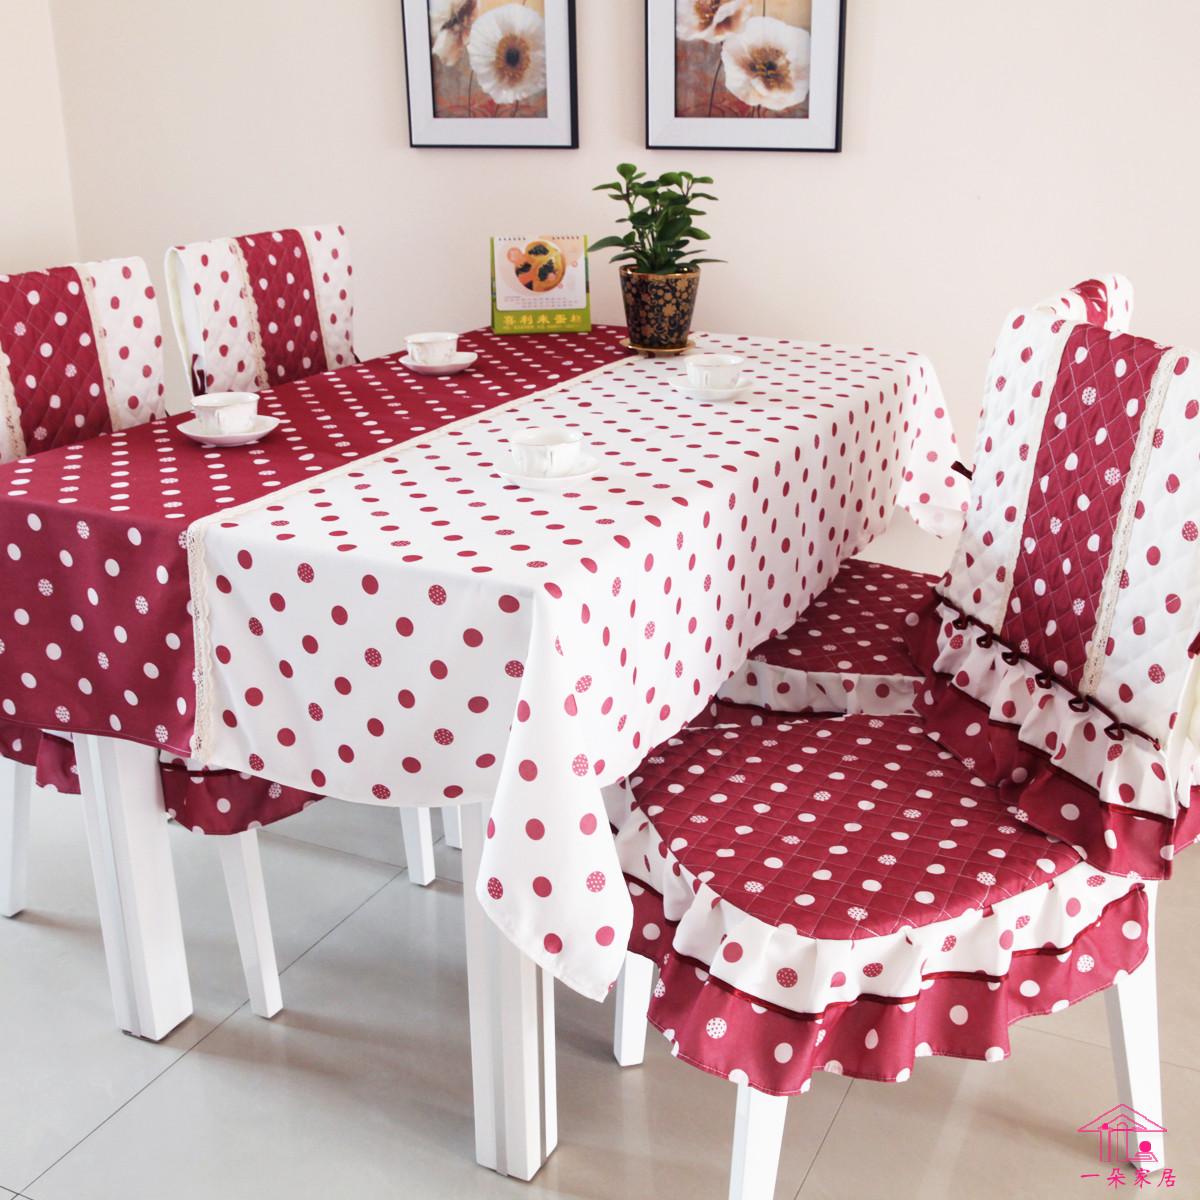 一朵布圆圈日式--桌布